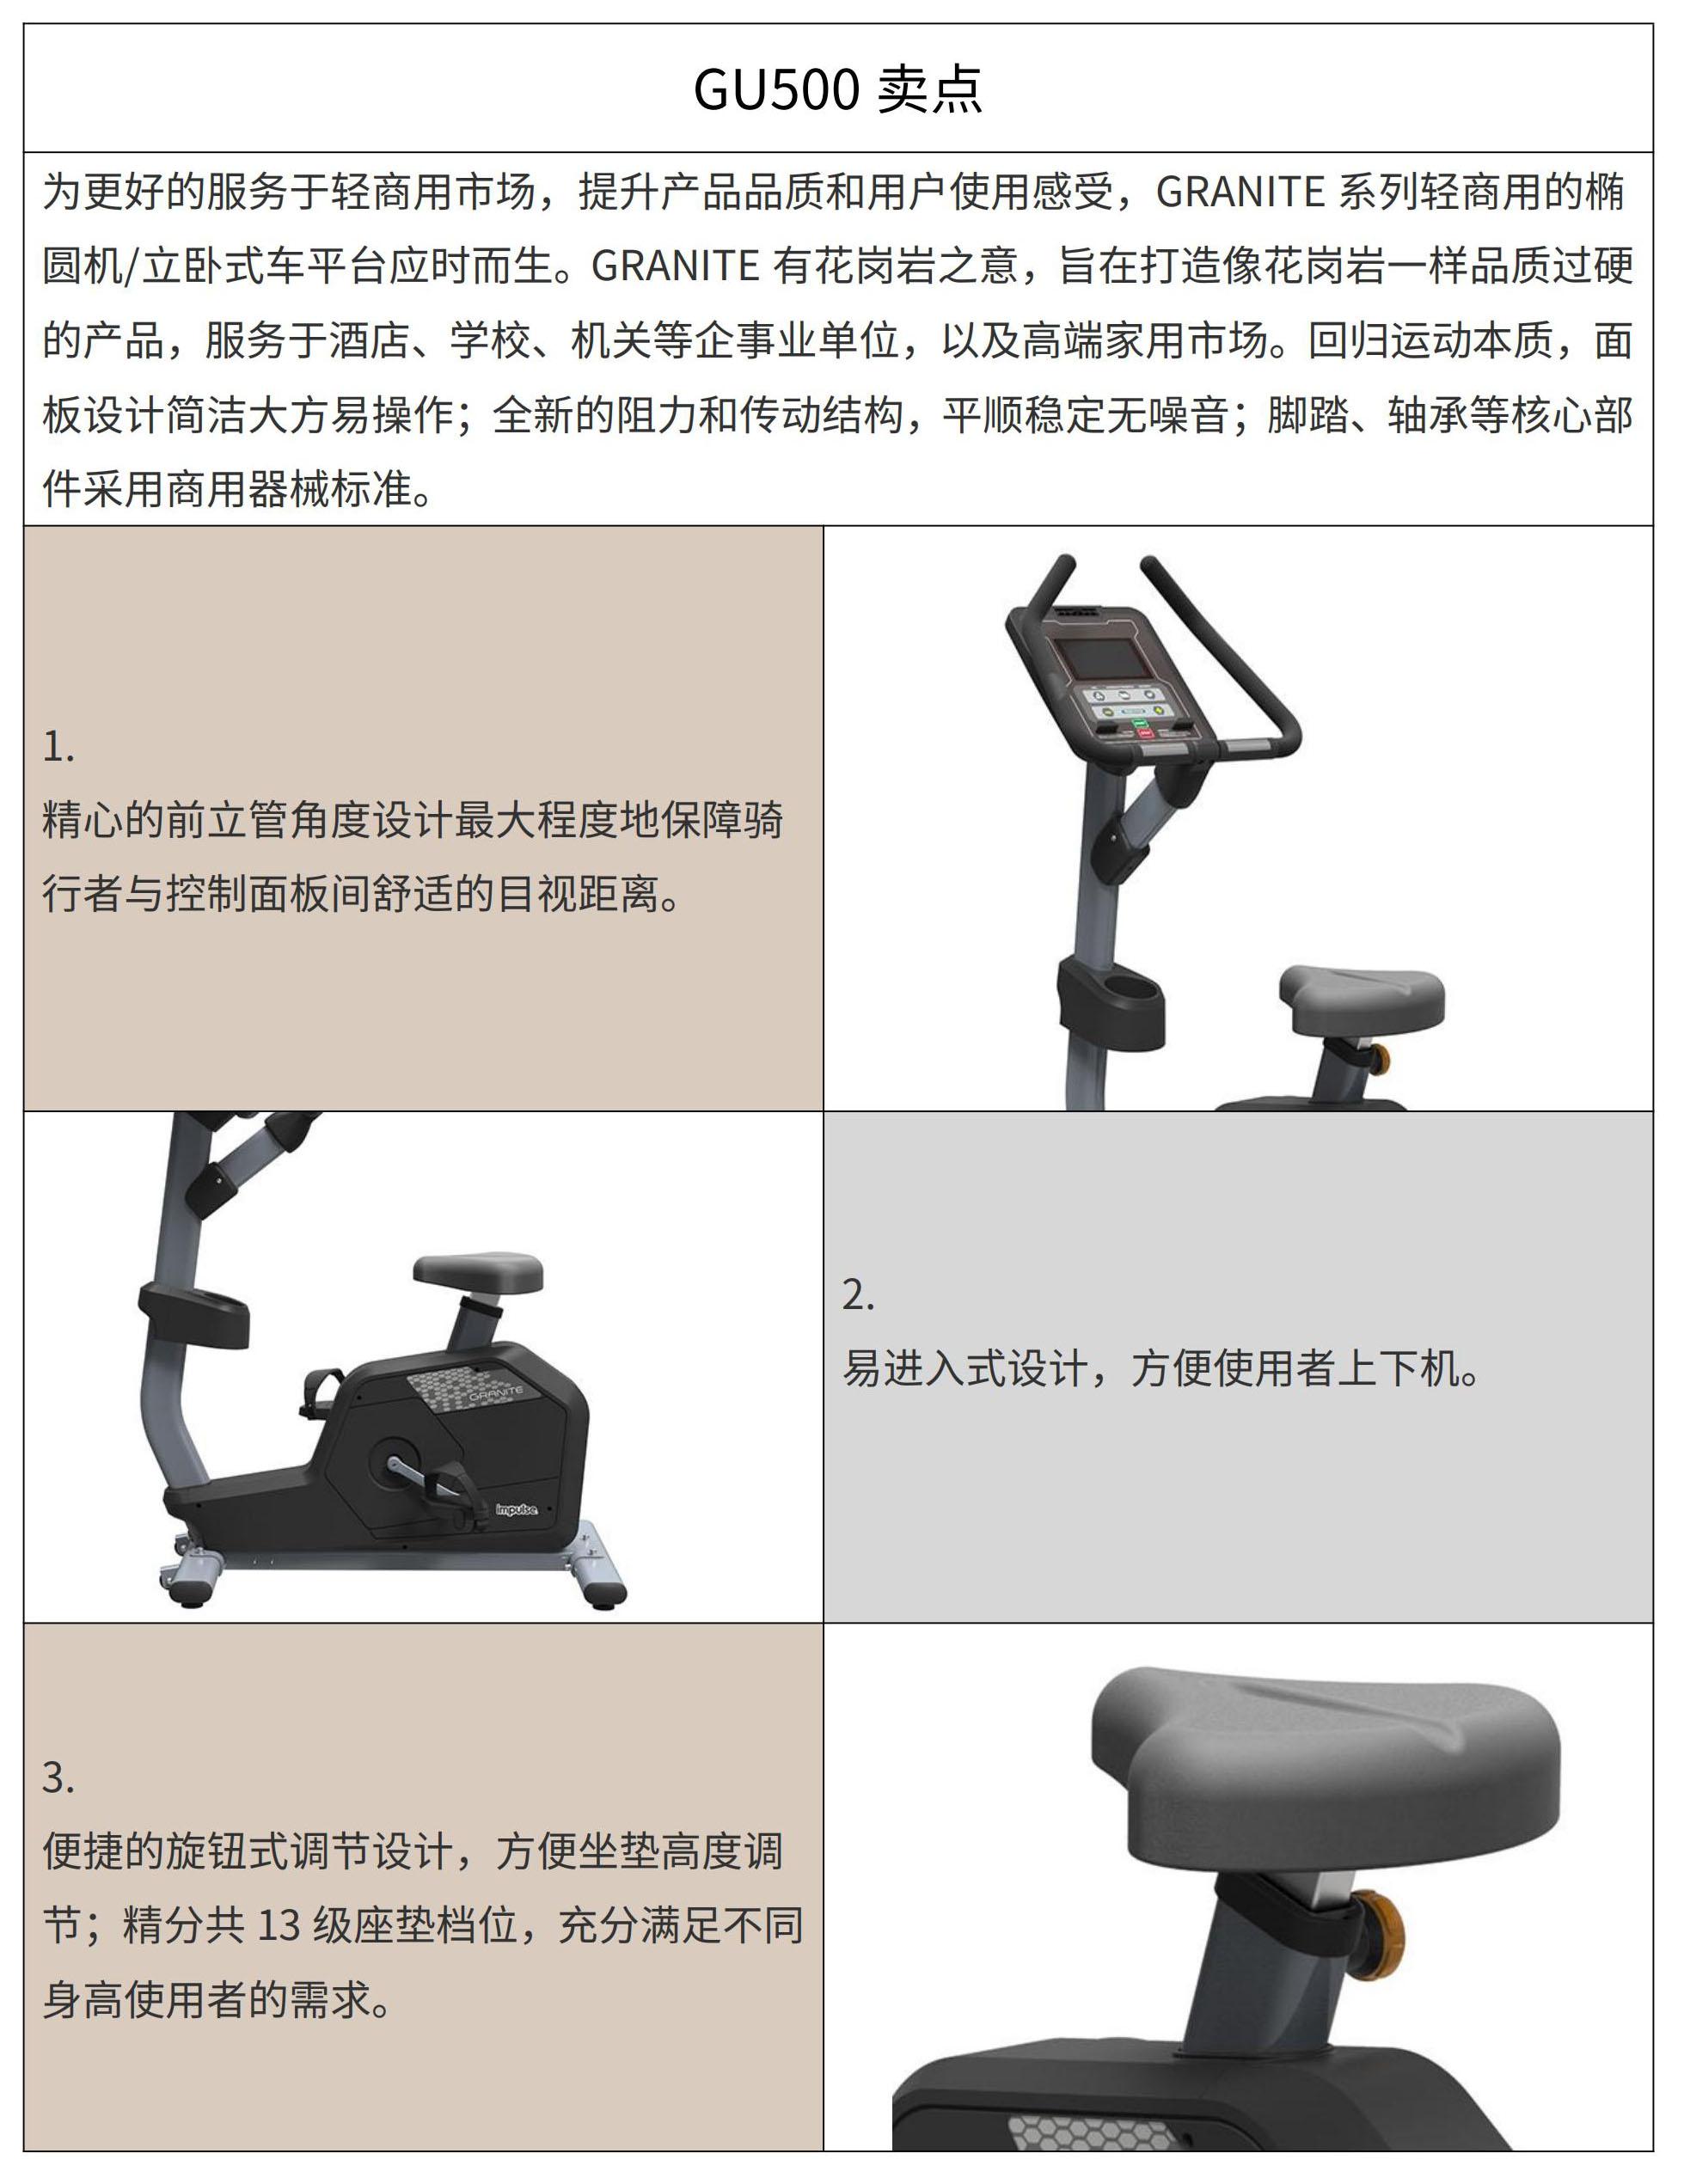 GU500.jpg